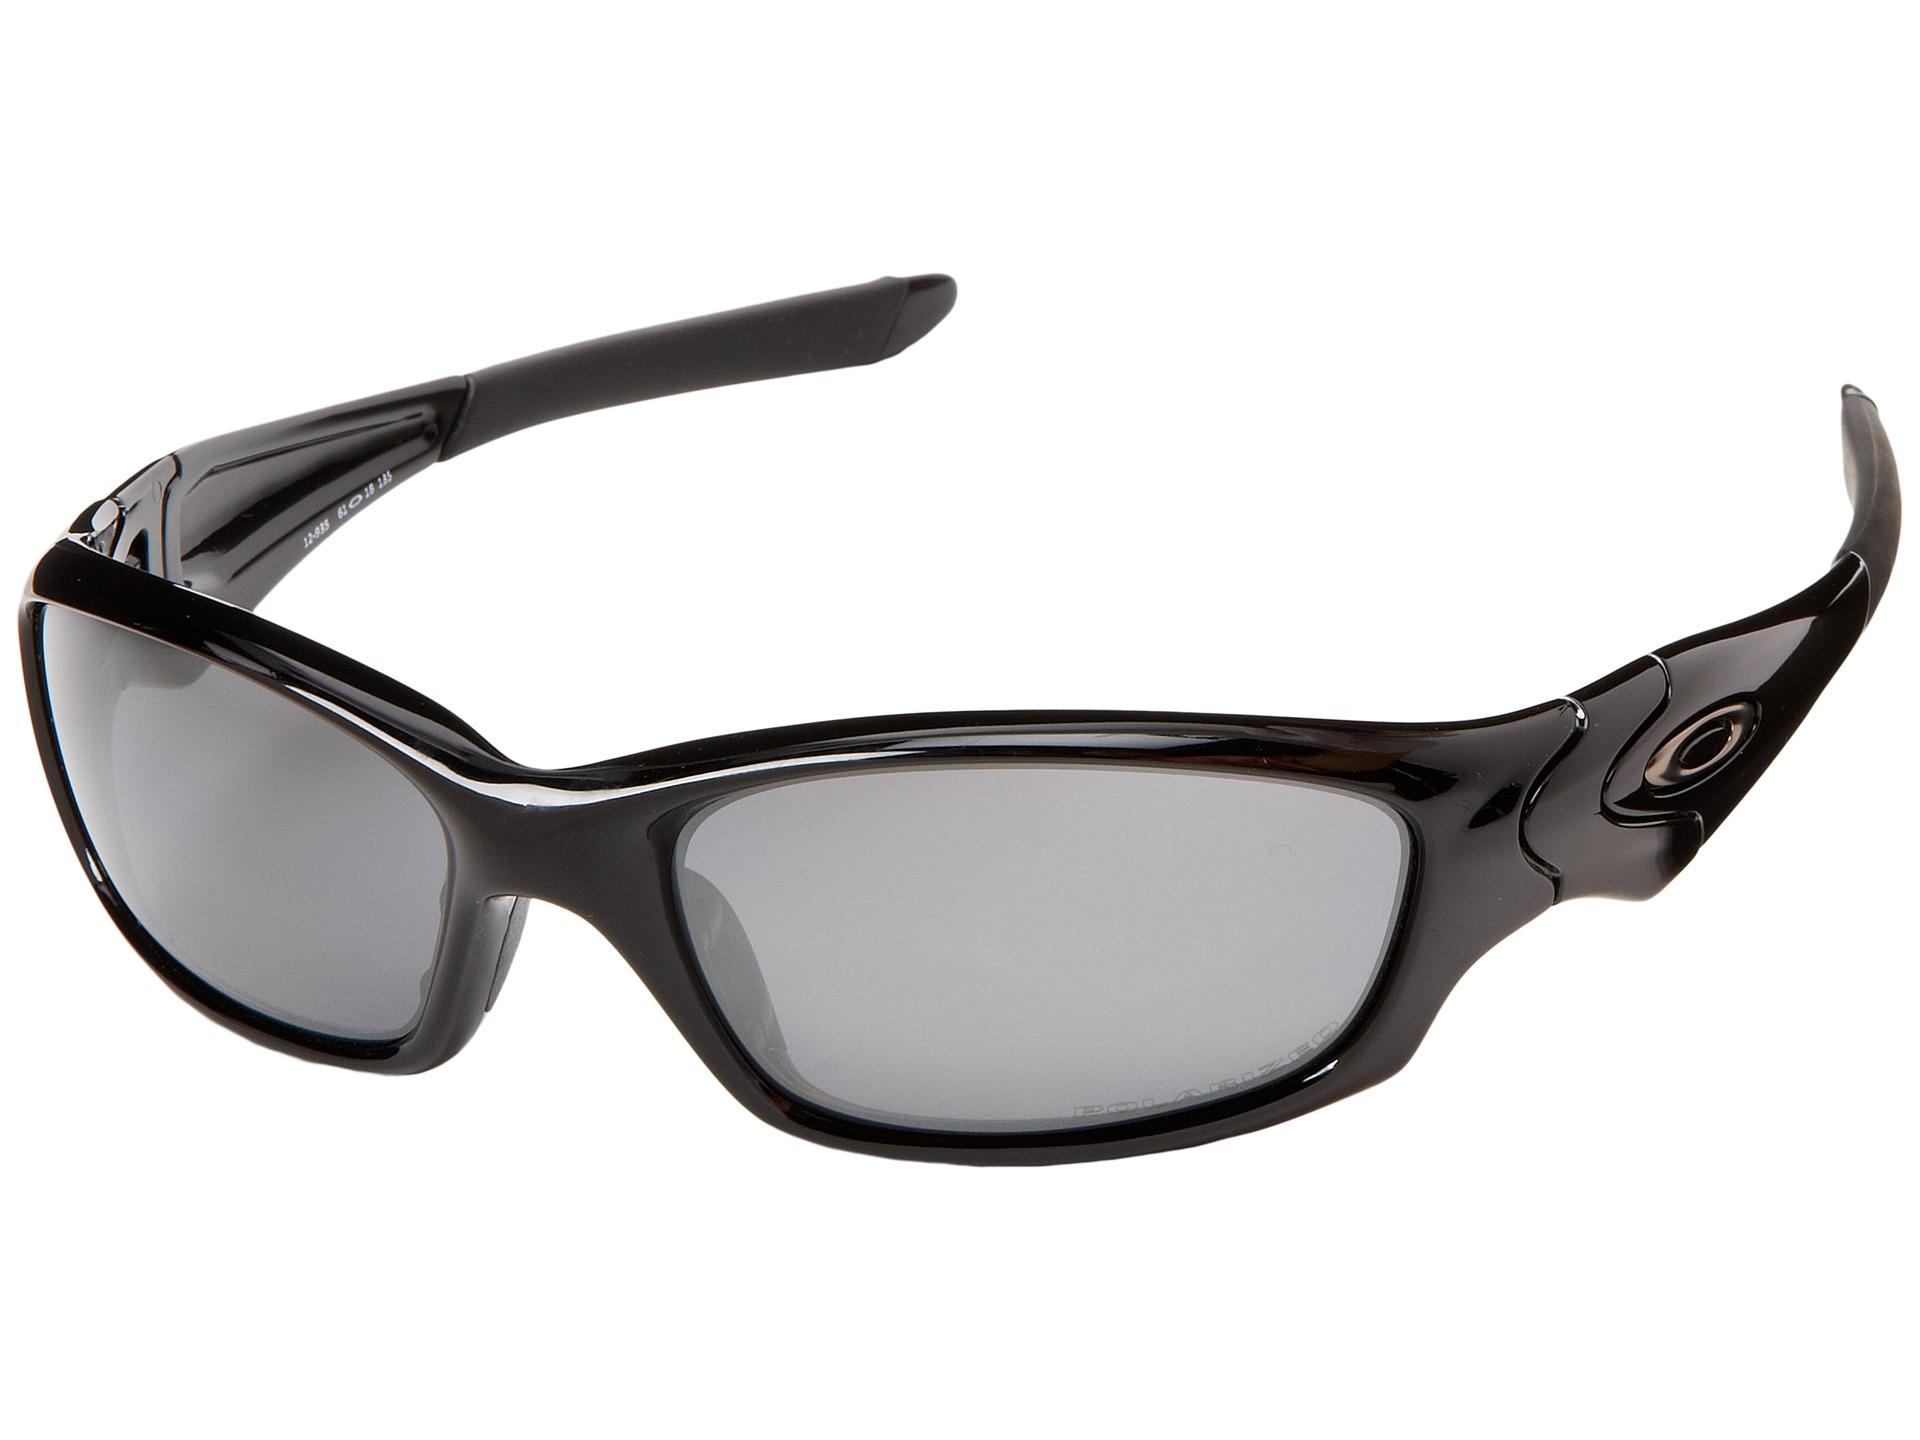 Oakley Straight Jacket Polarized - Zappos.com Free Shipping BOTH Ways